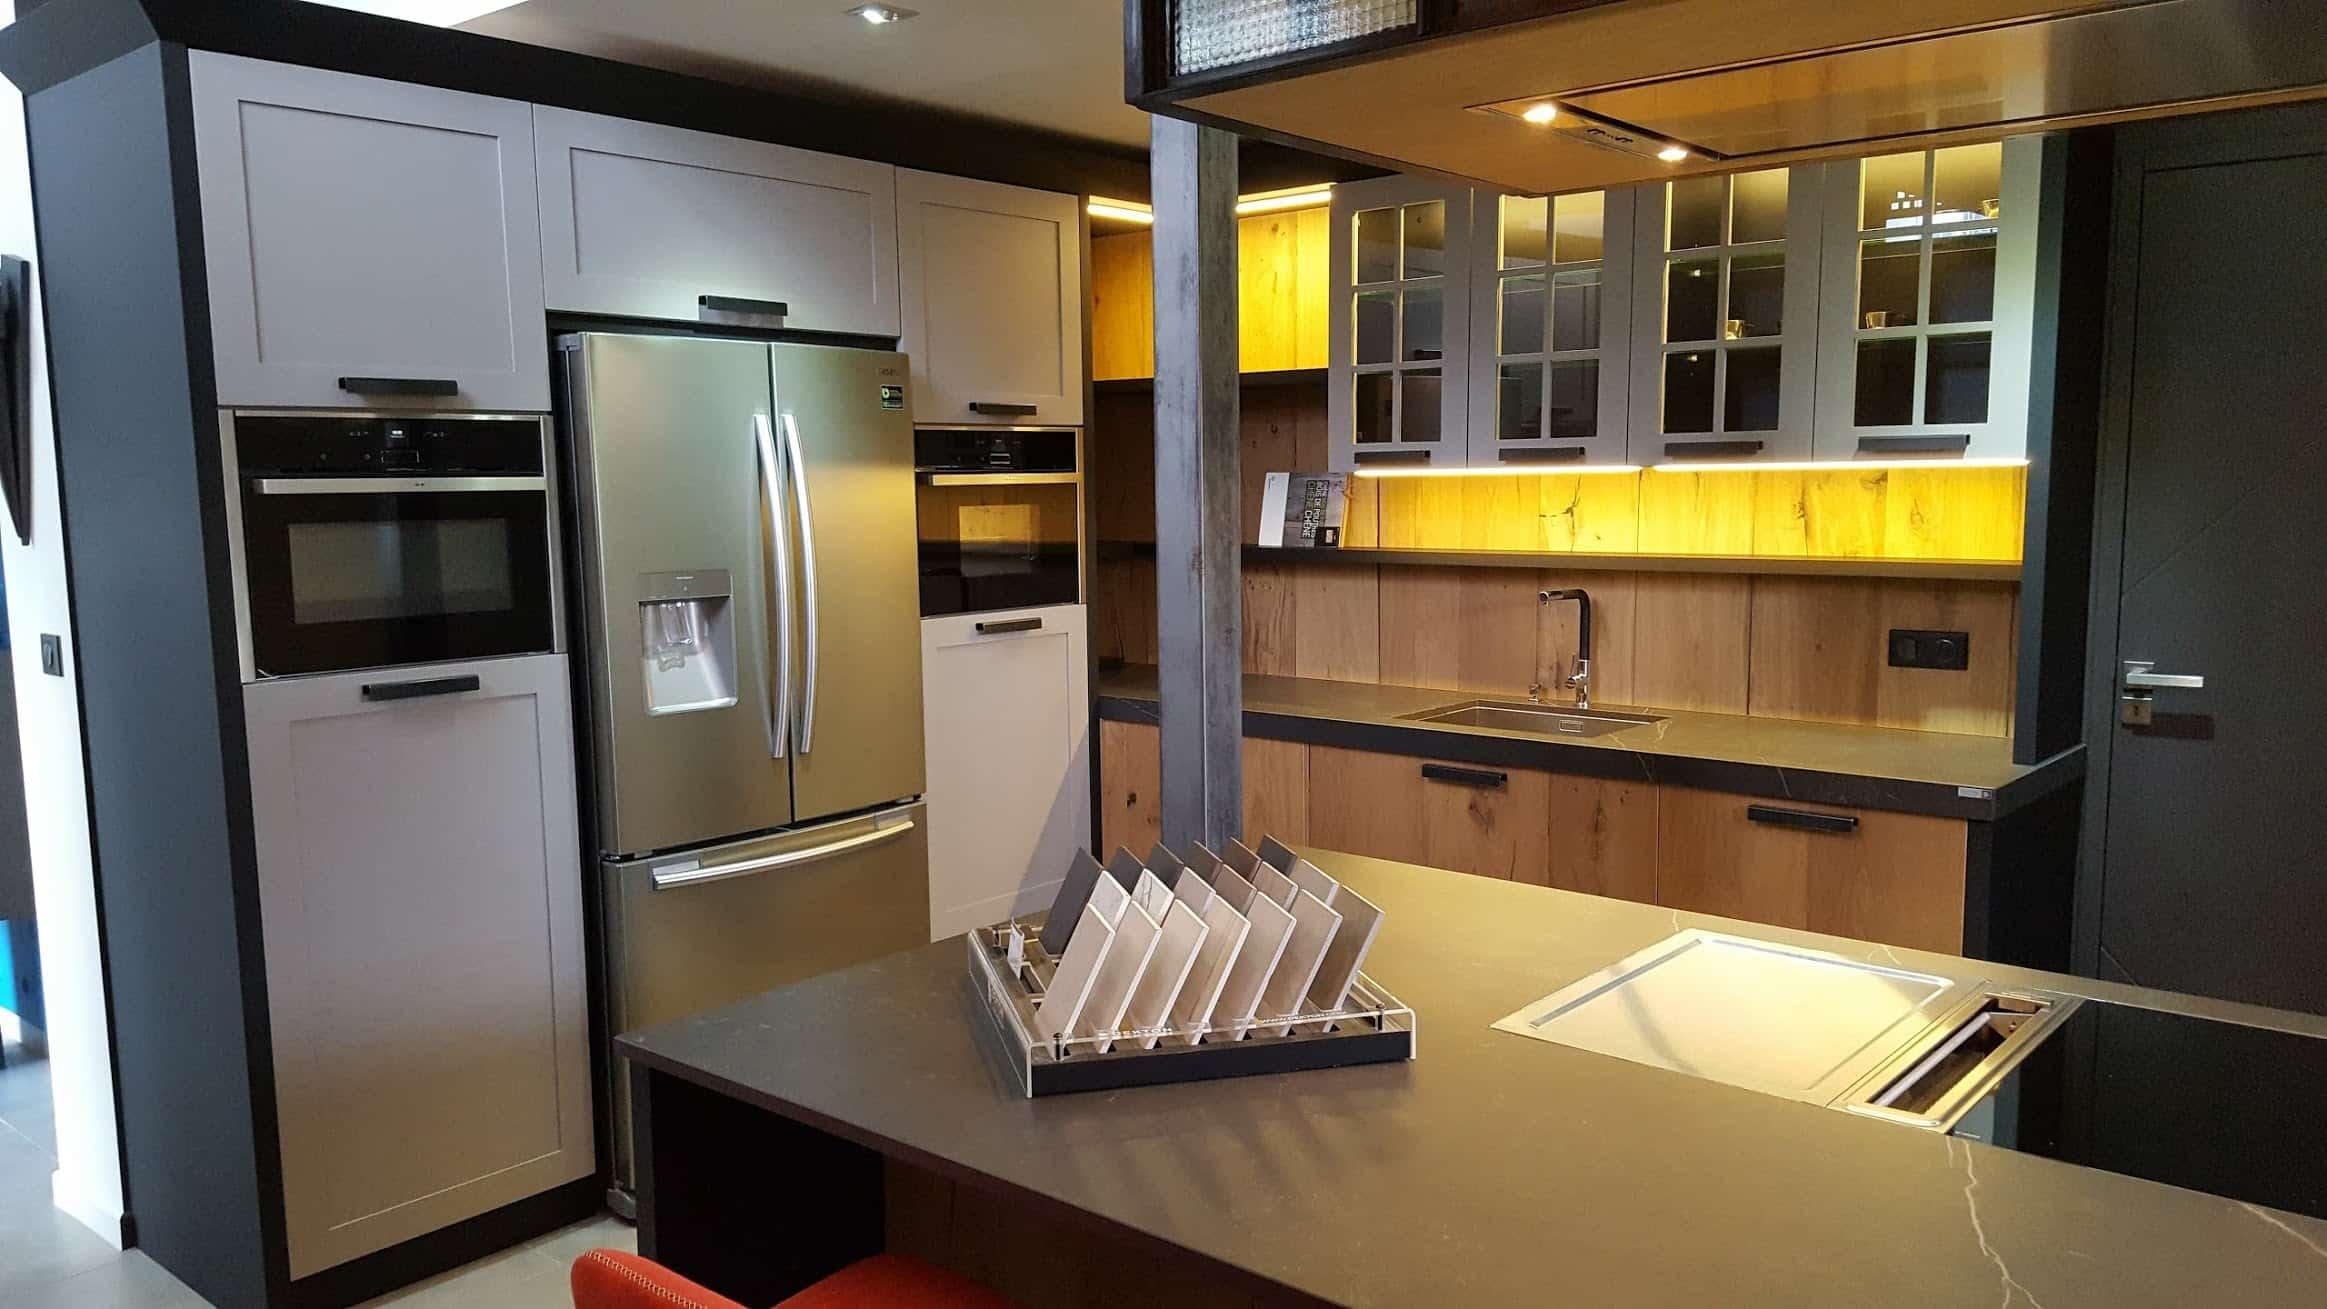 Notre cuisine d'ébéniste à Guérande dans le style Loft/Atelier